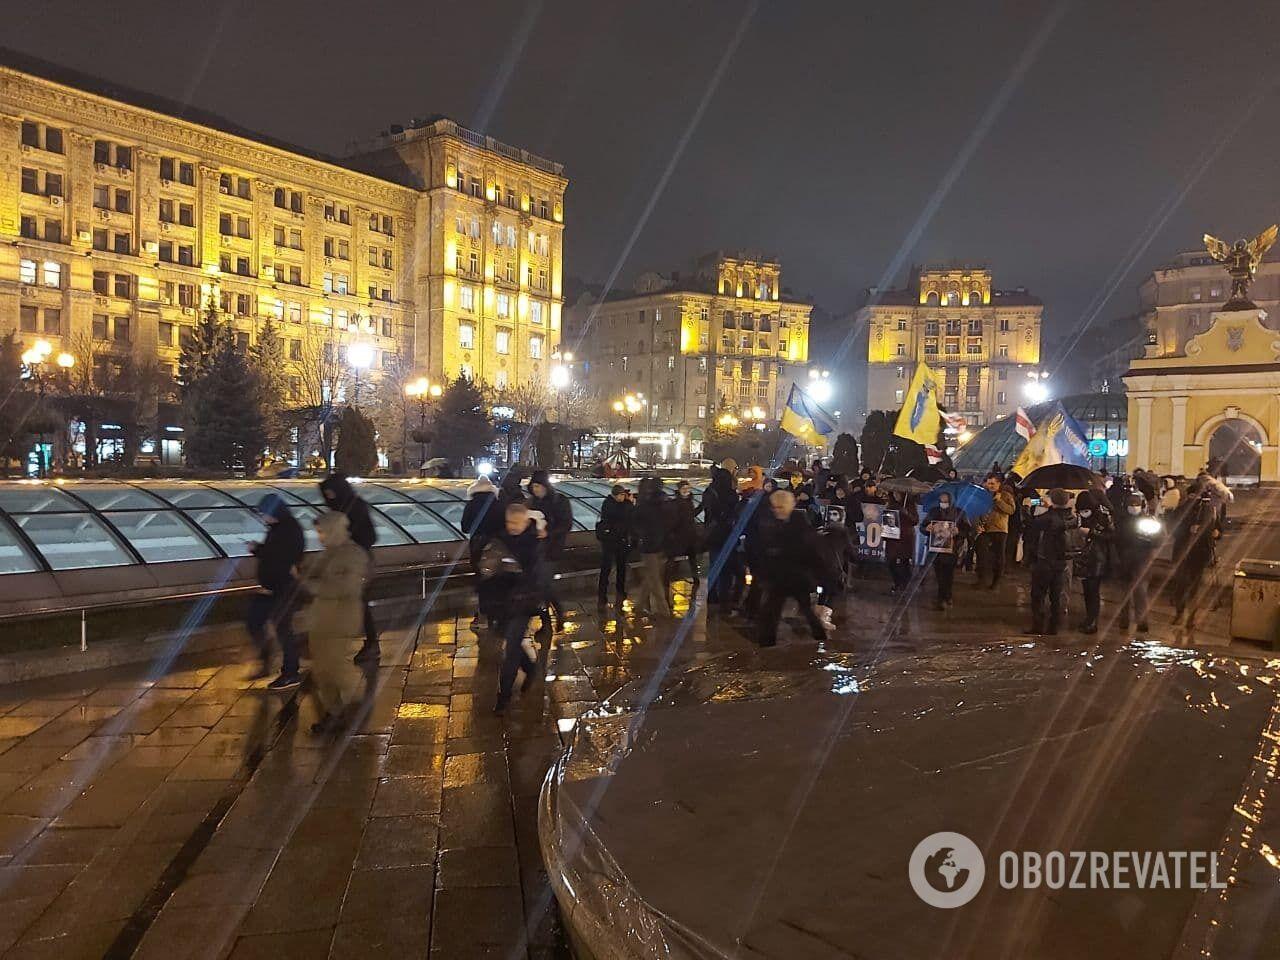 Участников сопровождала полиция